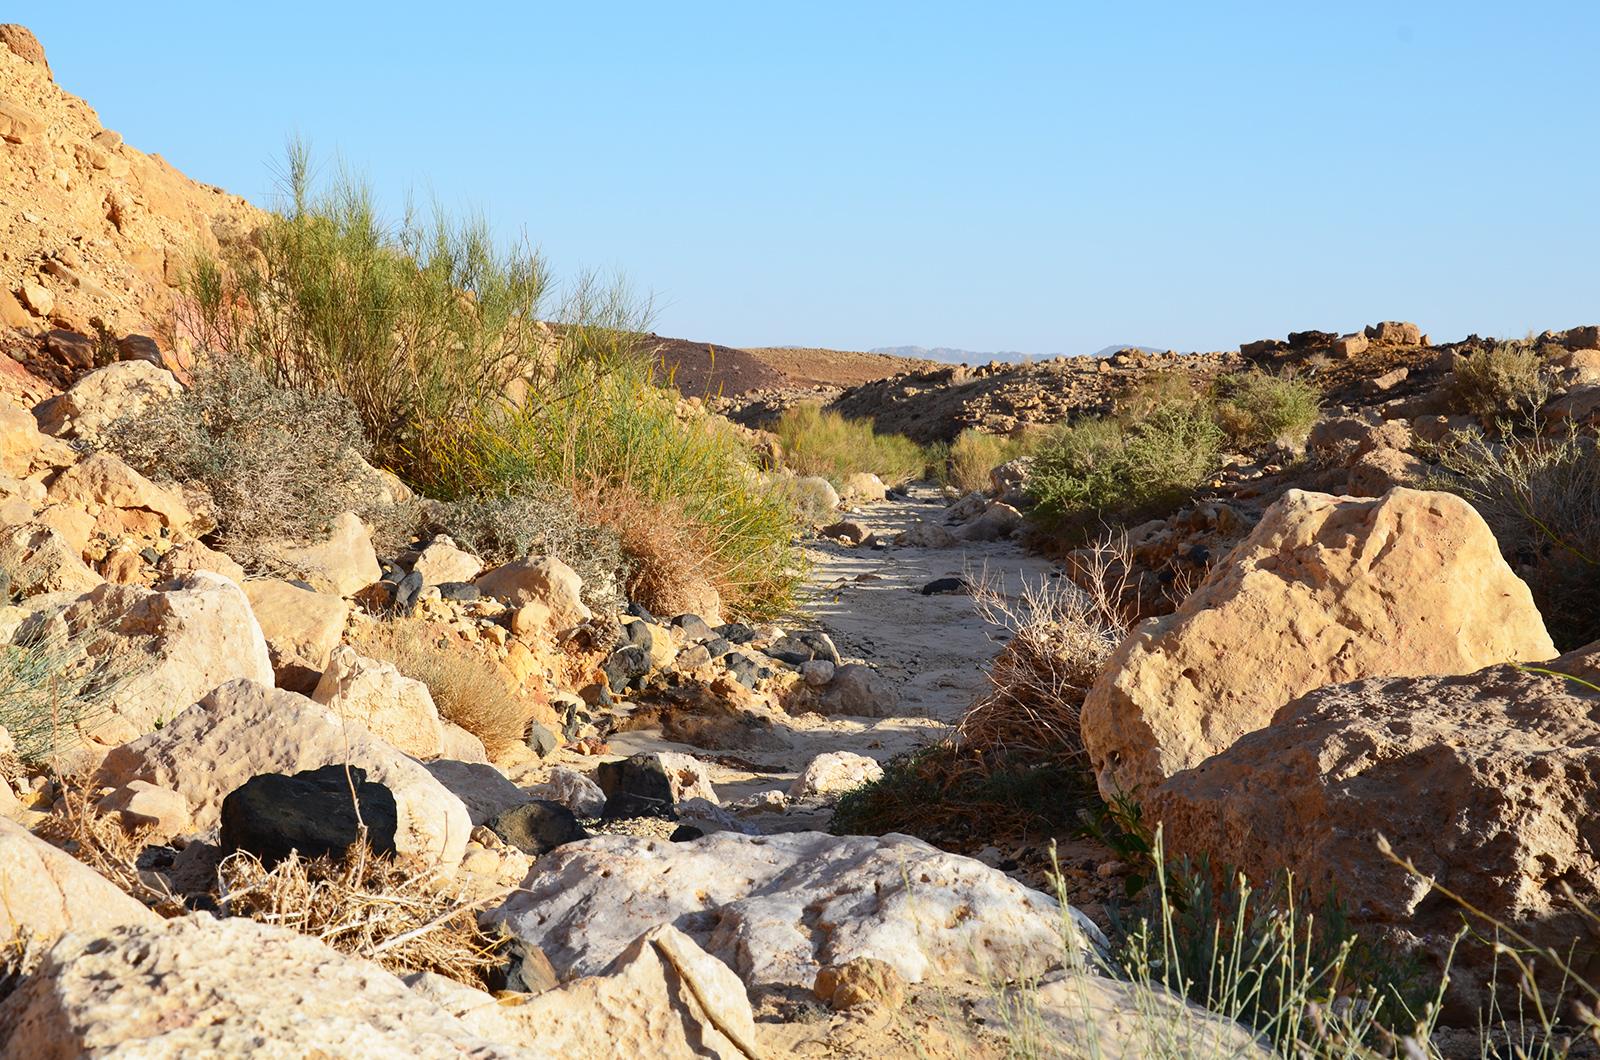 vádí v Negevské poušti